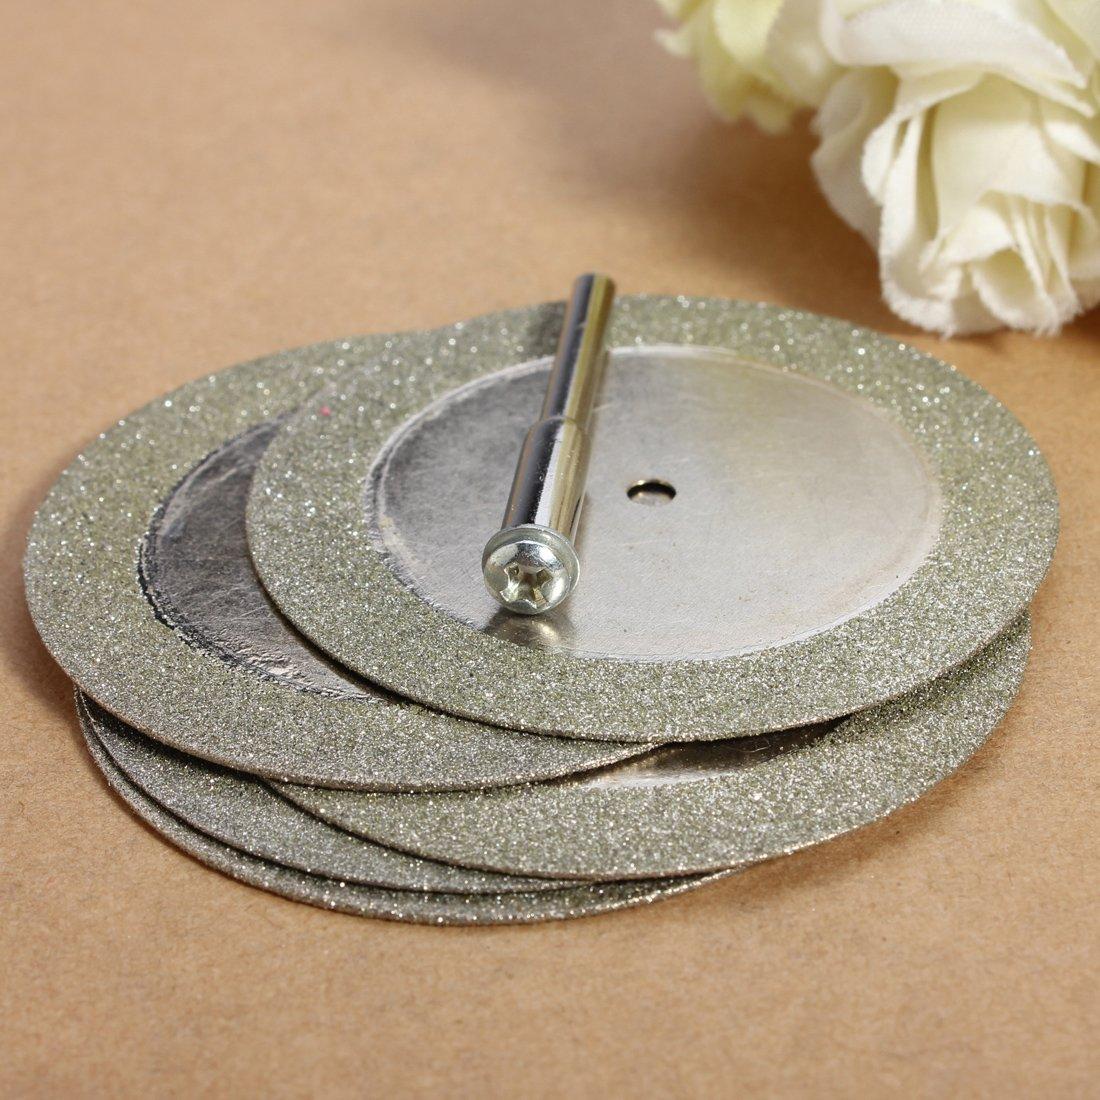 punta per trapano e mini dischi da taglio diamantati per tagliare vetro e pietre preziose adatti alluso con utensili a rotazione OriGlam